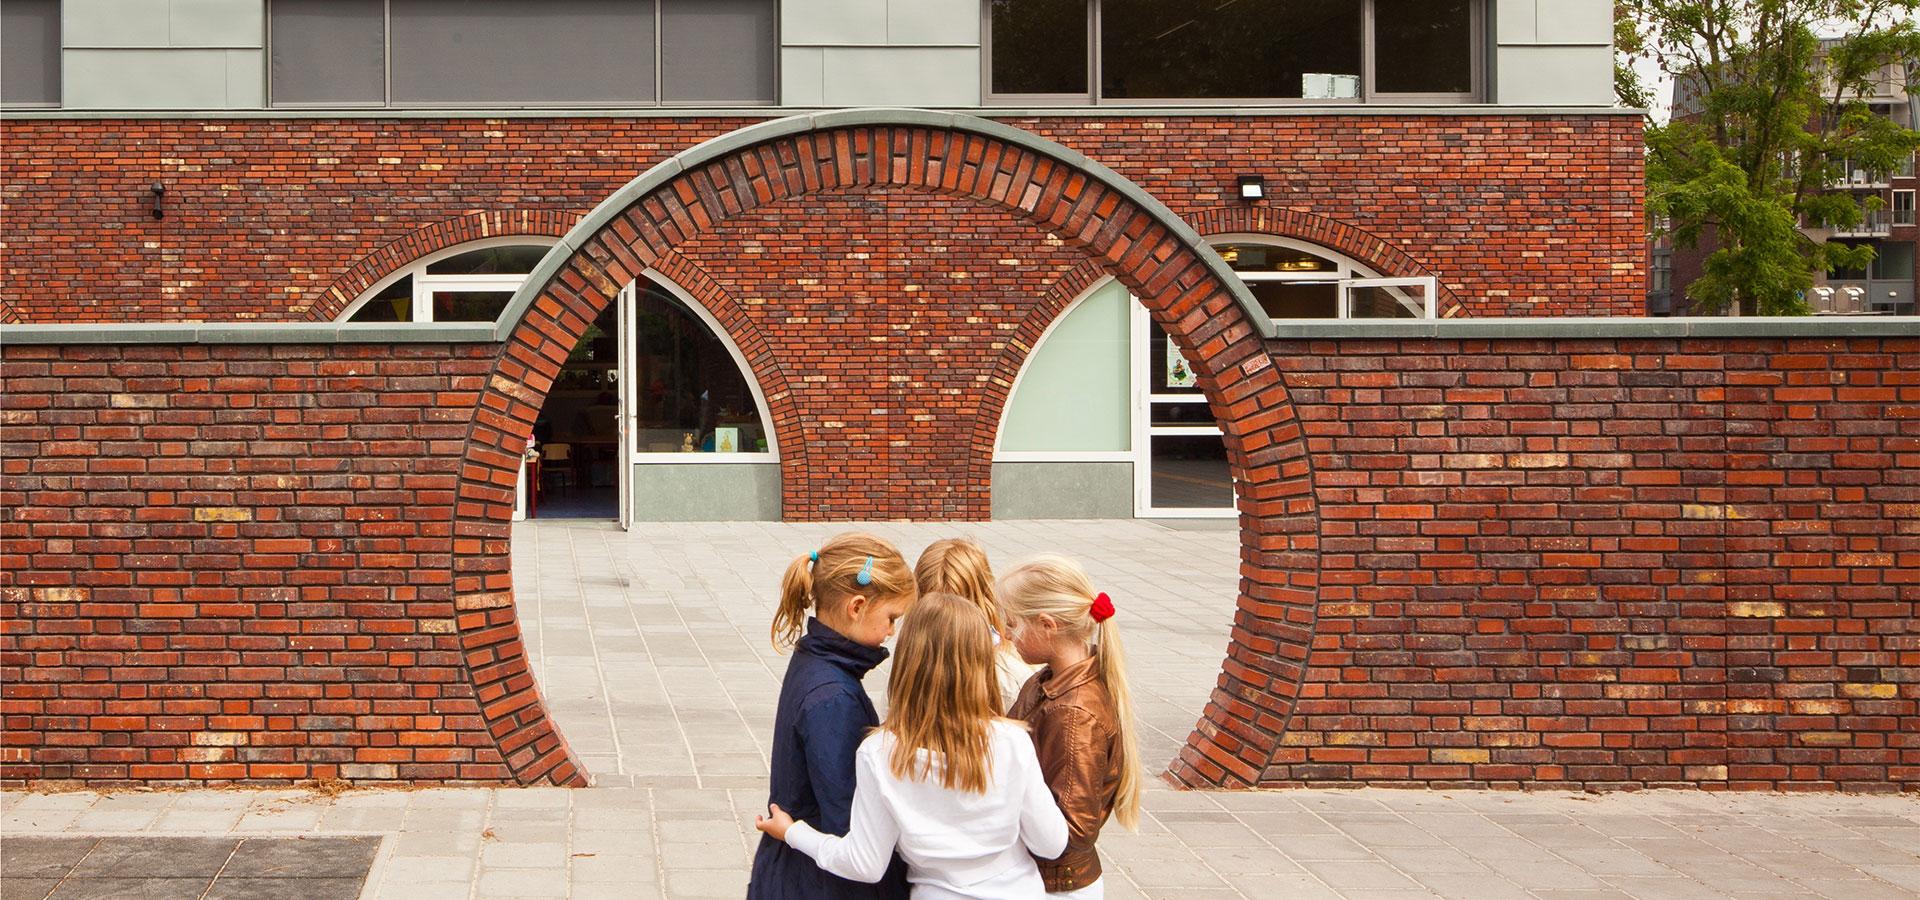 FARO architecten Bonifaciusschool Alphen aan den Rijn 02